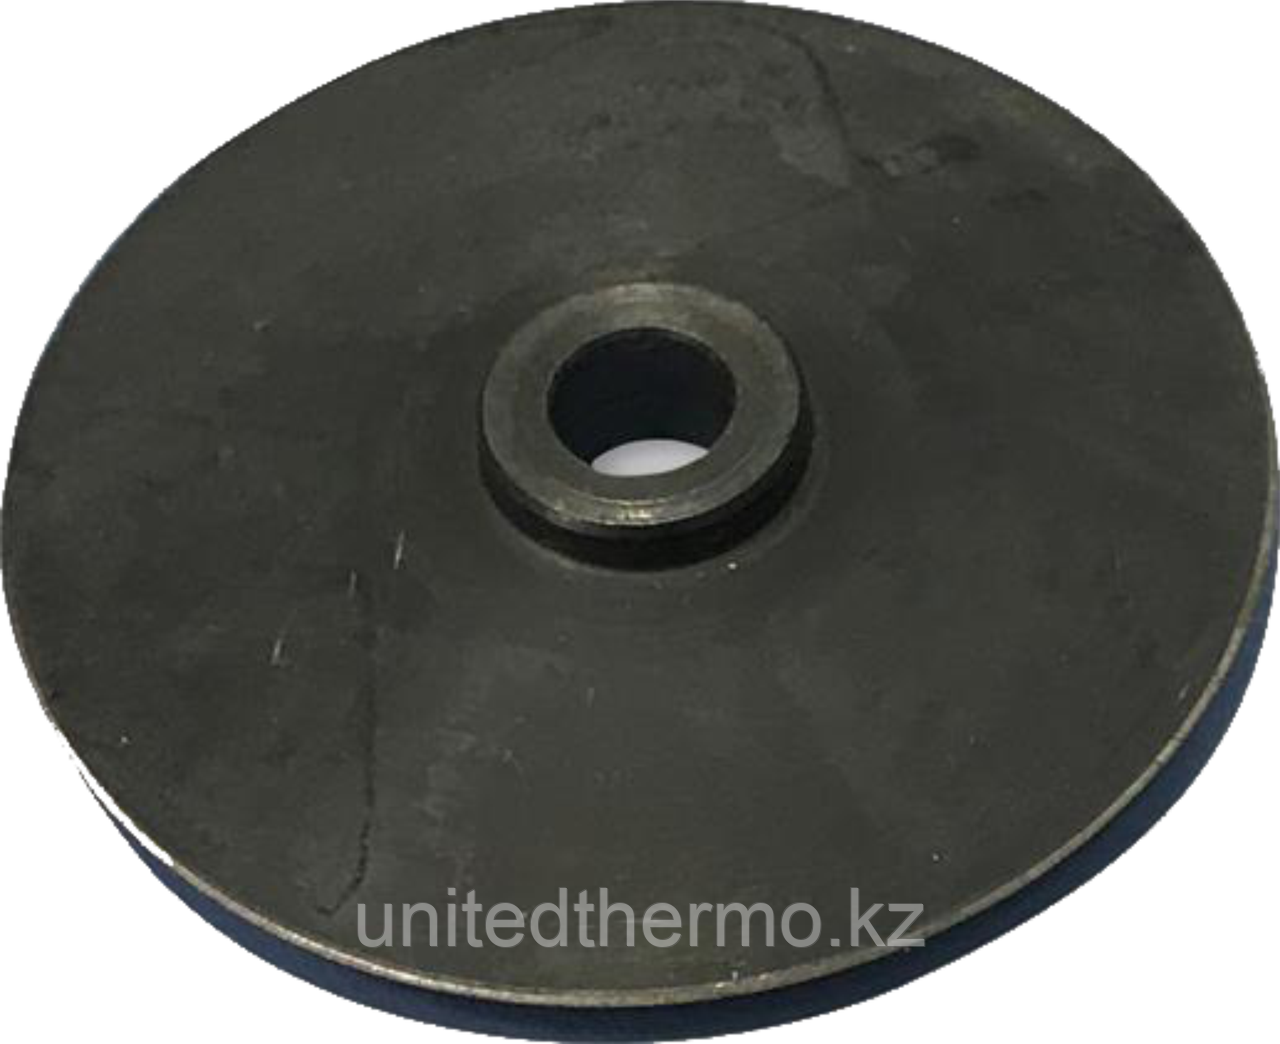 Обрезной диск Fusitek для дискового трубореза Fusitek FT08306, 75-110 мм